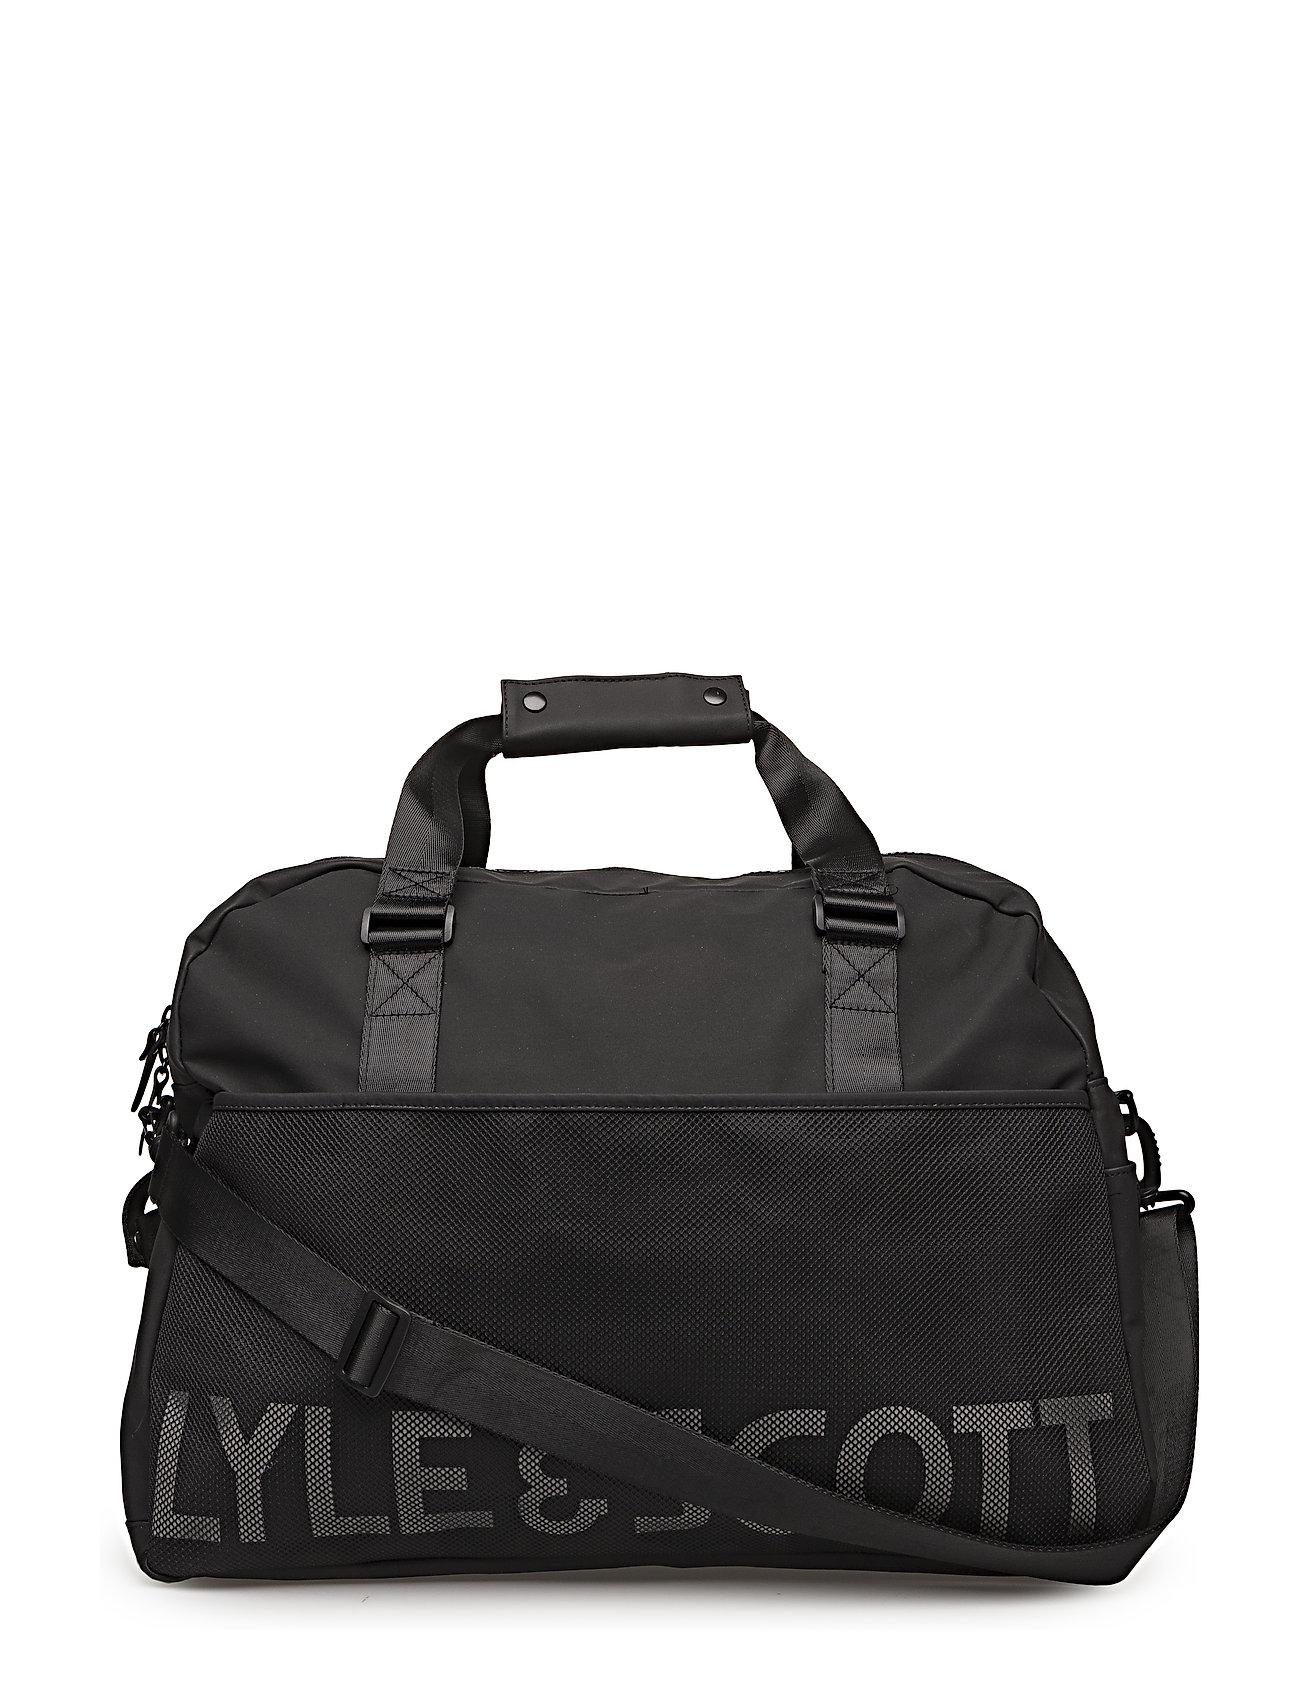 Lyle & Scott Weekender Bag